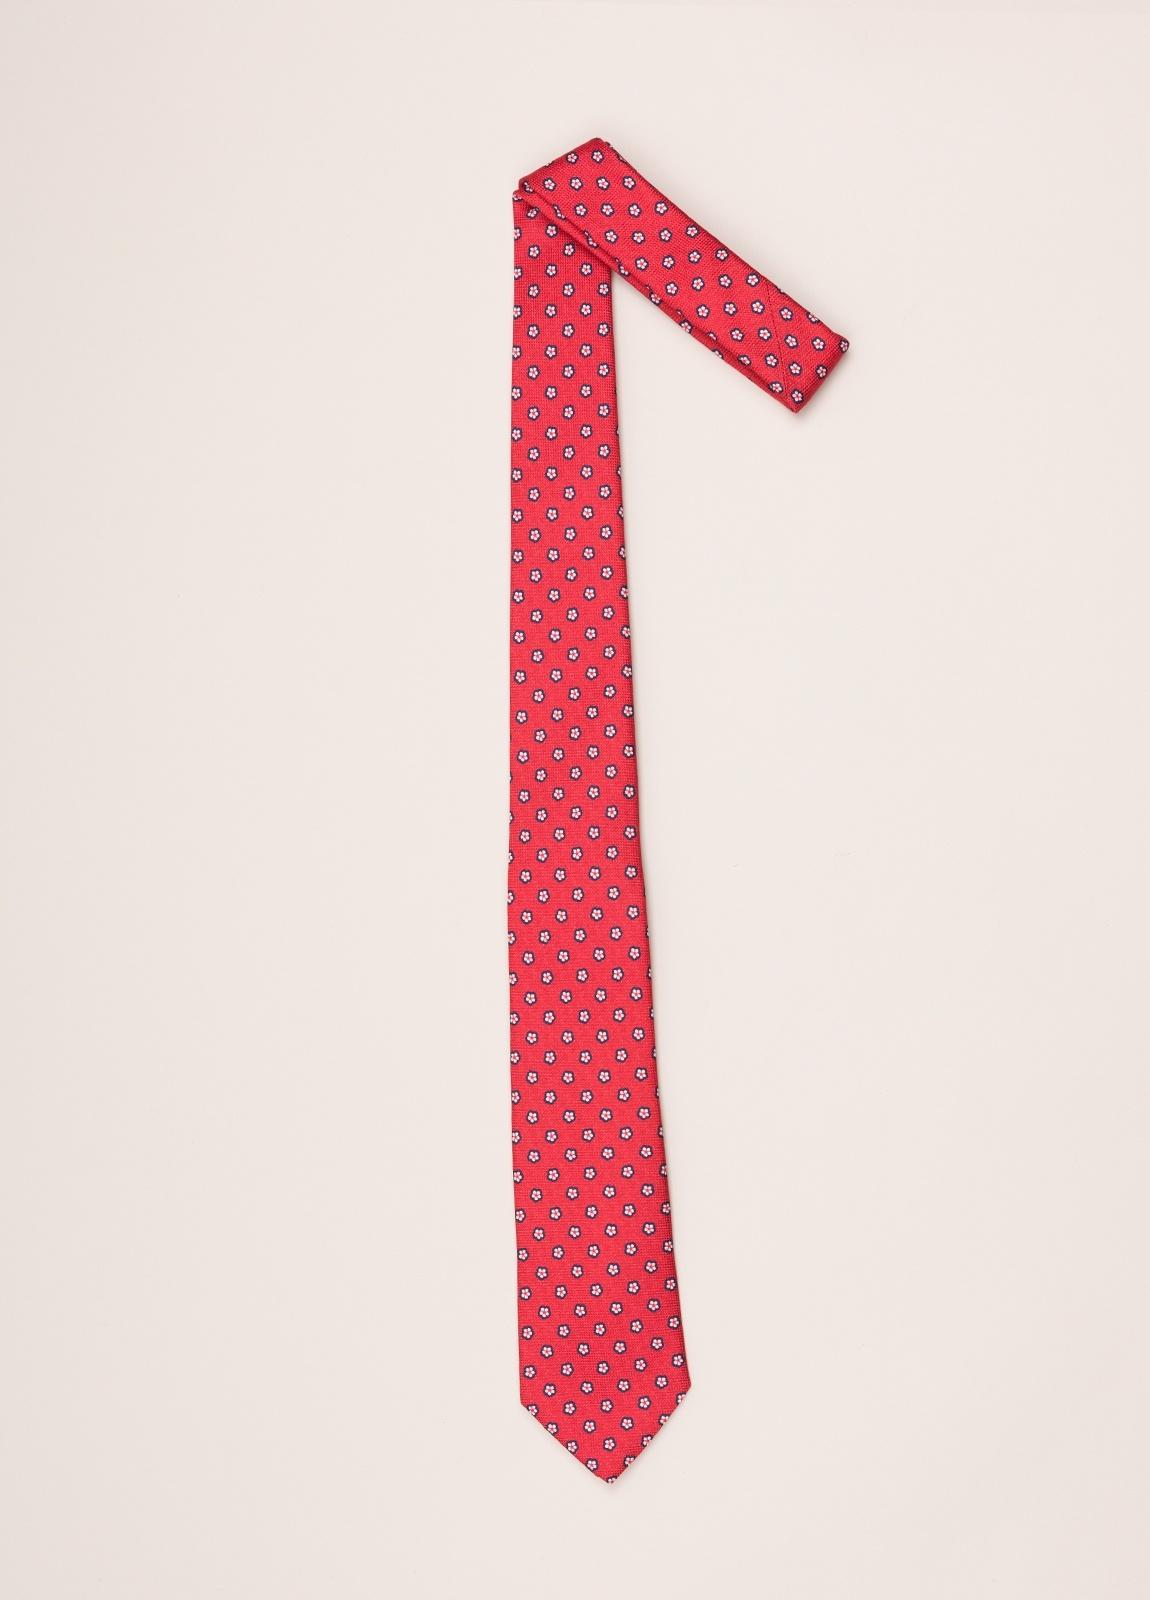 Corbata FUREST COLECCIÓN rojo dibujo - Ítem1